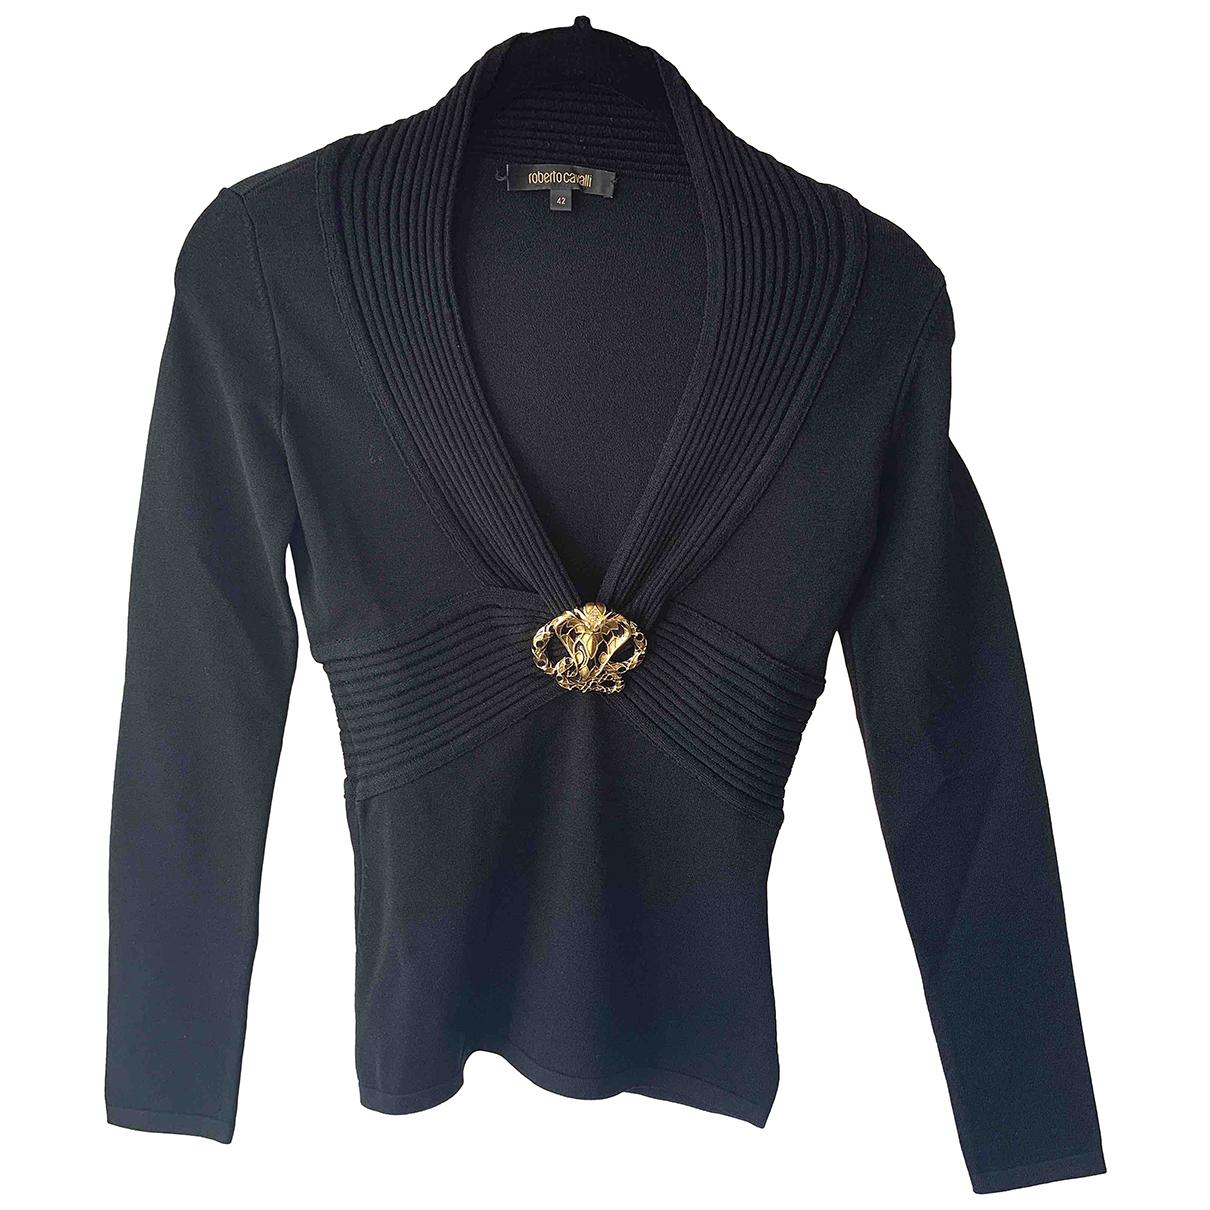 Roberto Cavalli N Black Knitwear for Women 42 IT